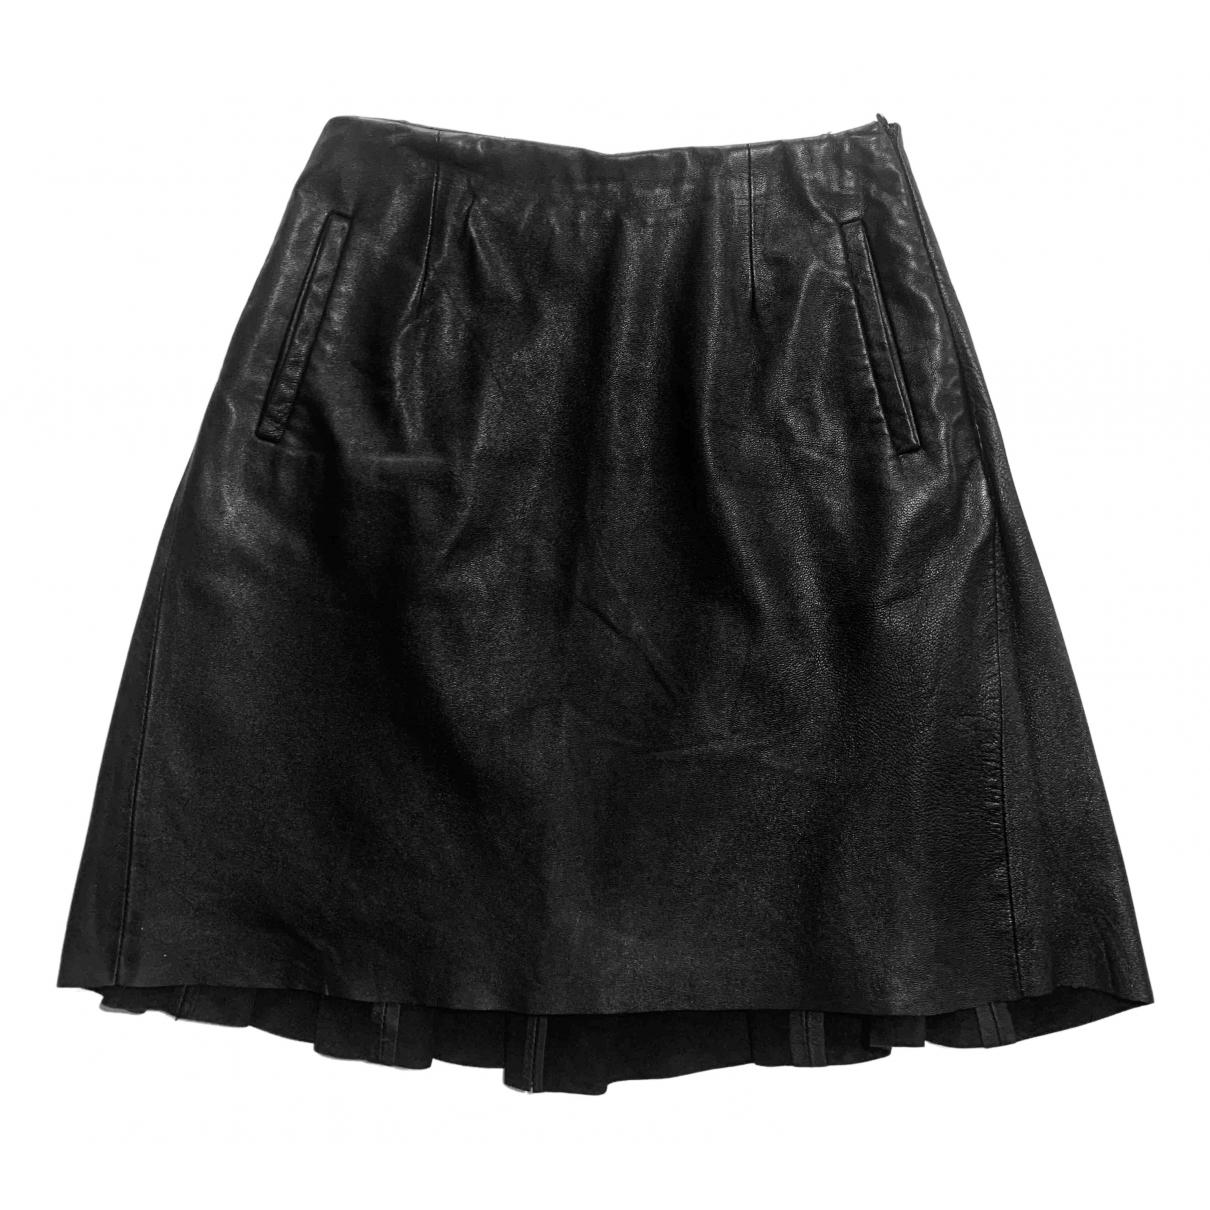 Raoul - Jupe   pour femme en cuir - noir